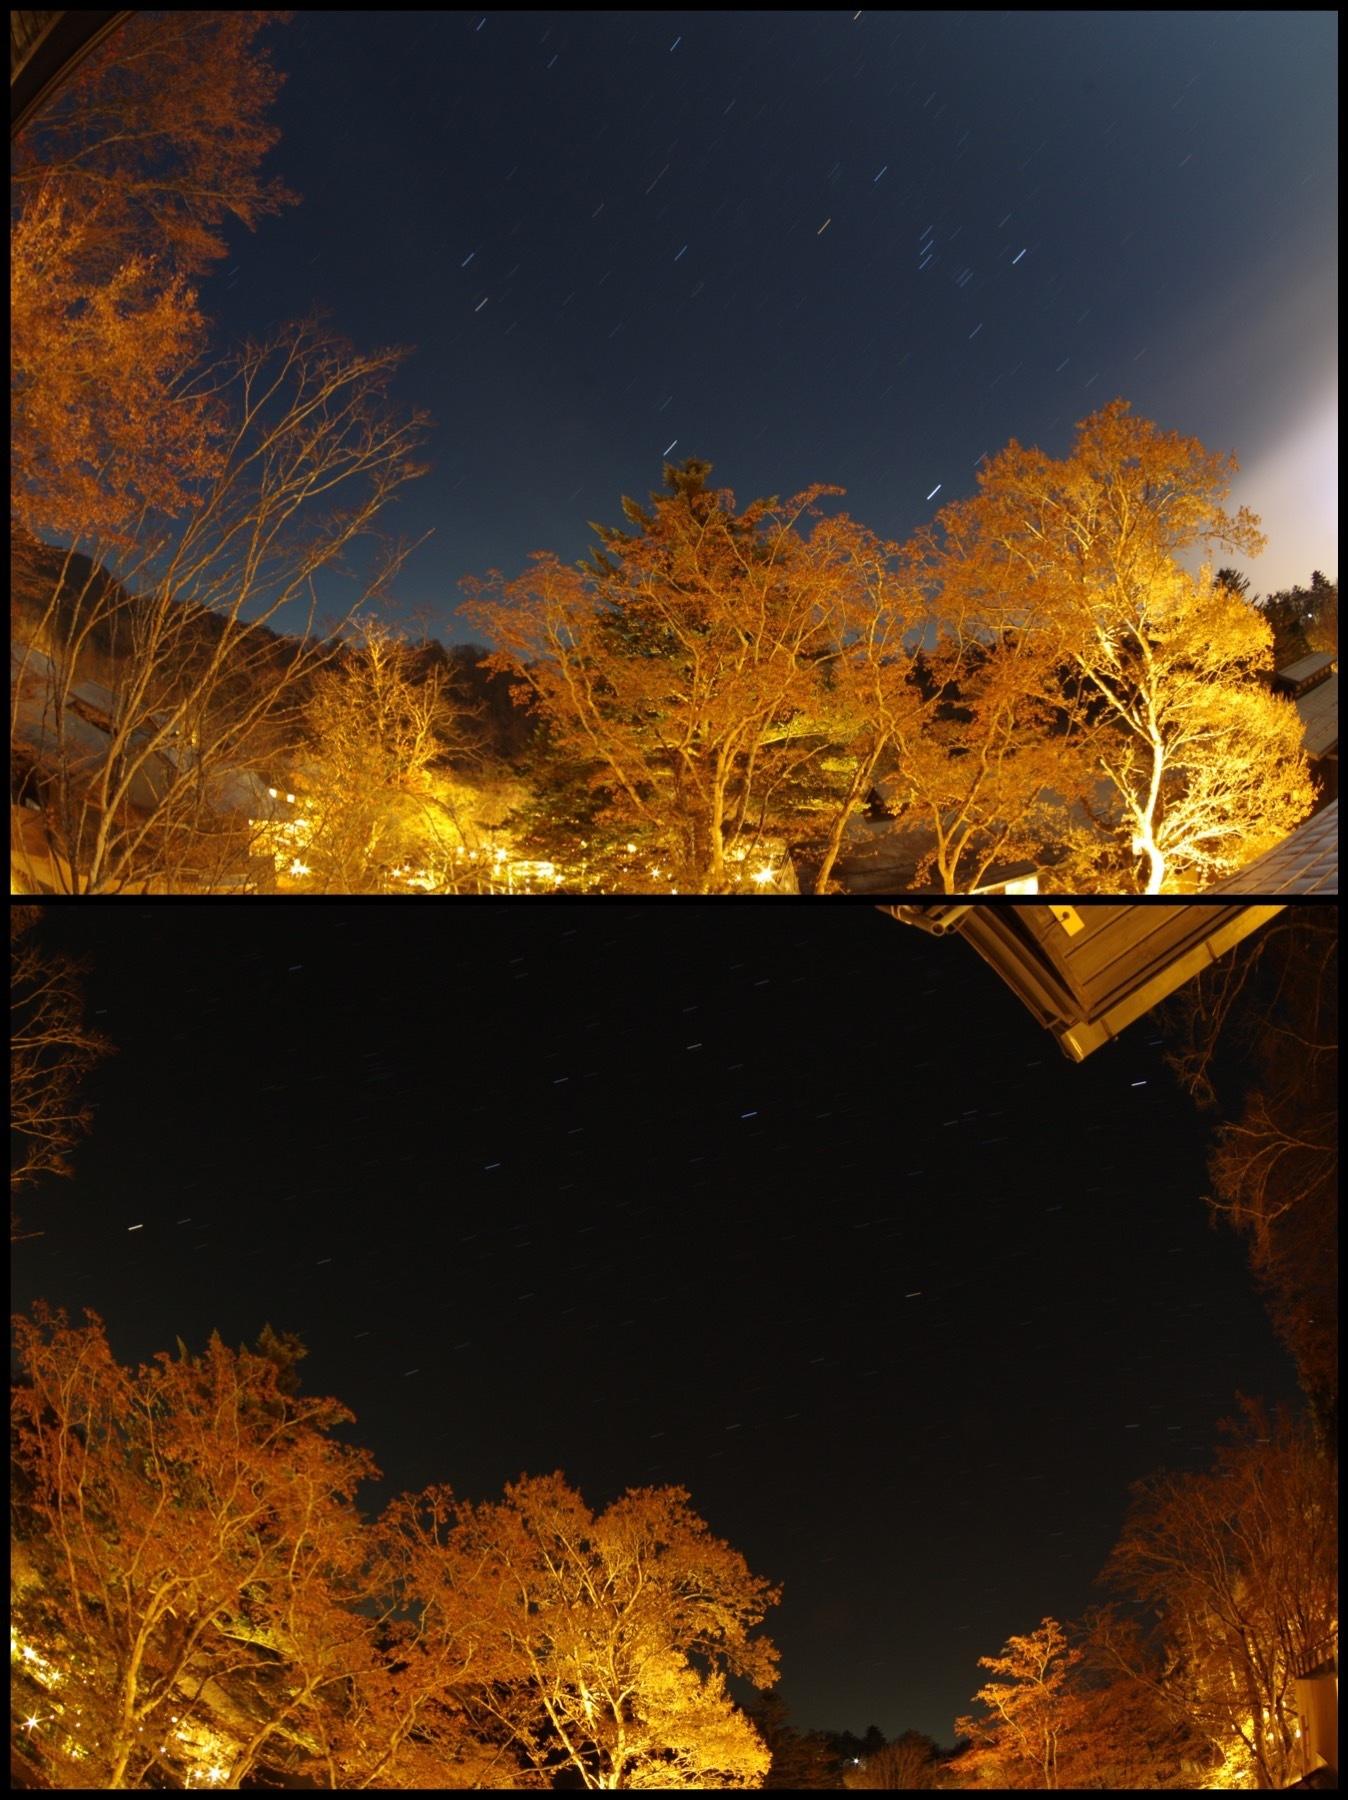 星のや軽井沢 山路地の部屋 宿泊 星空